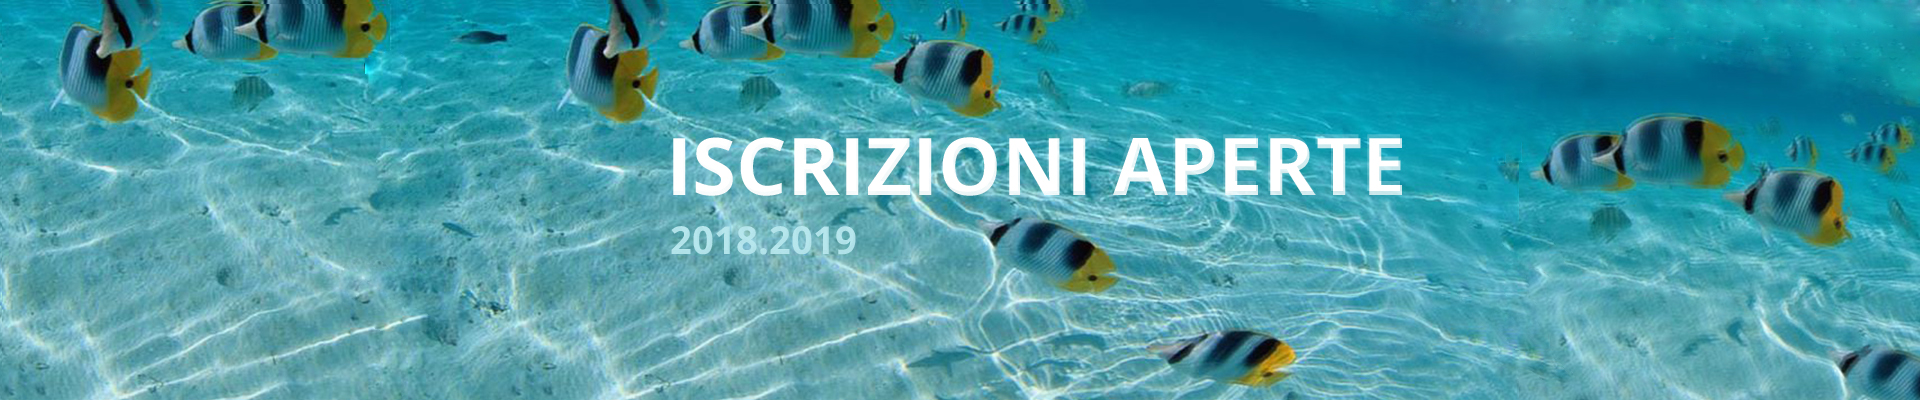 banner-iscrizioni-2018